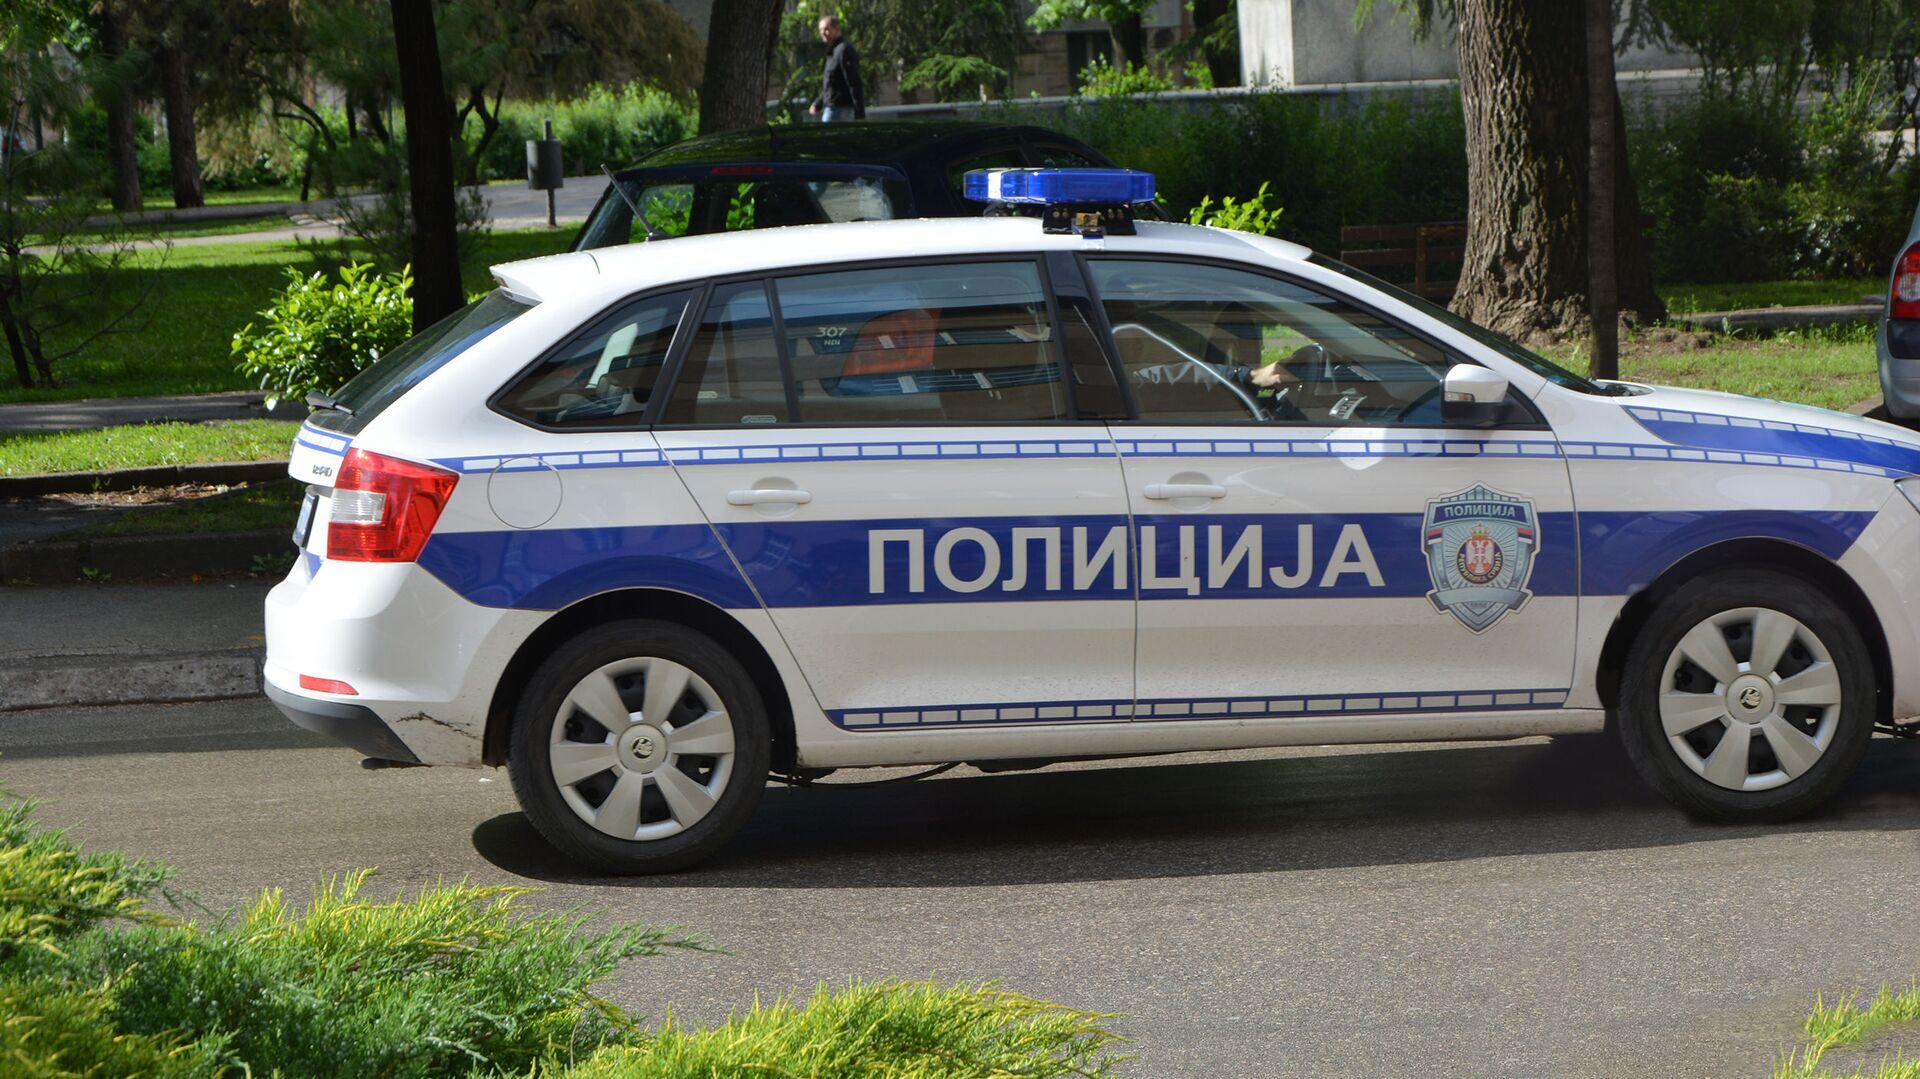 Policija  - Sputnik Srbija, 1920, 11.02.2021